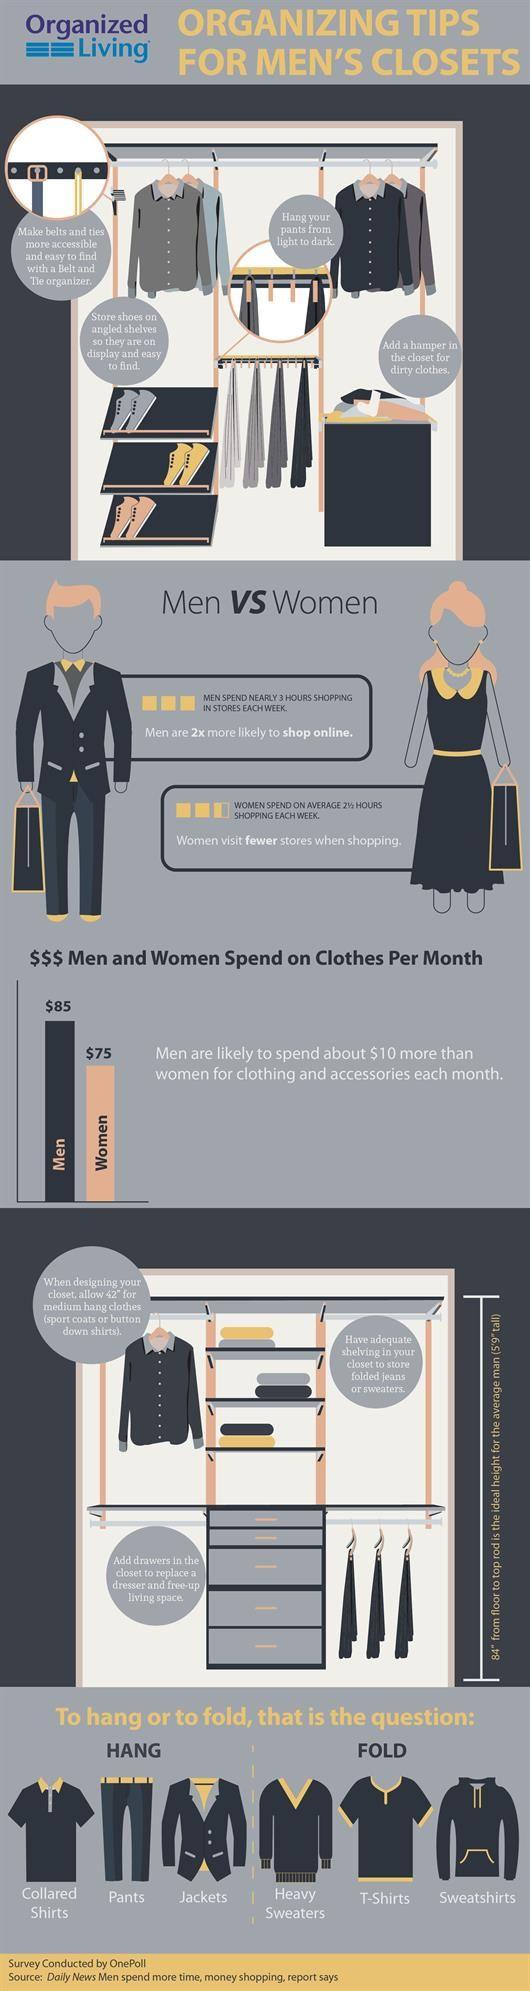 How to Organize a Men's Closet                              …